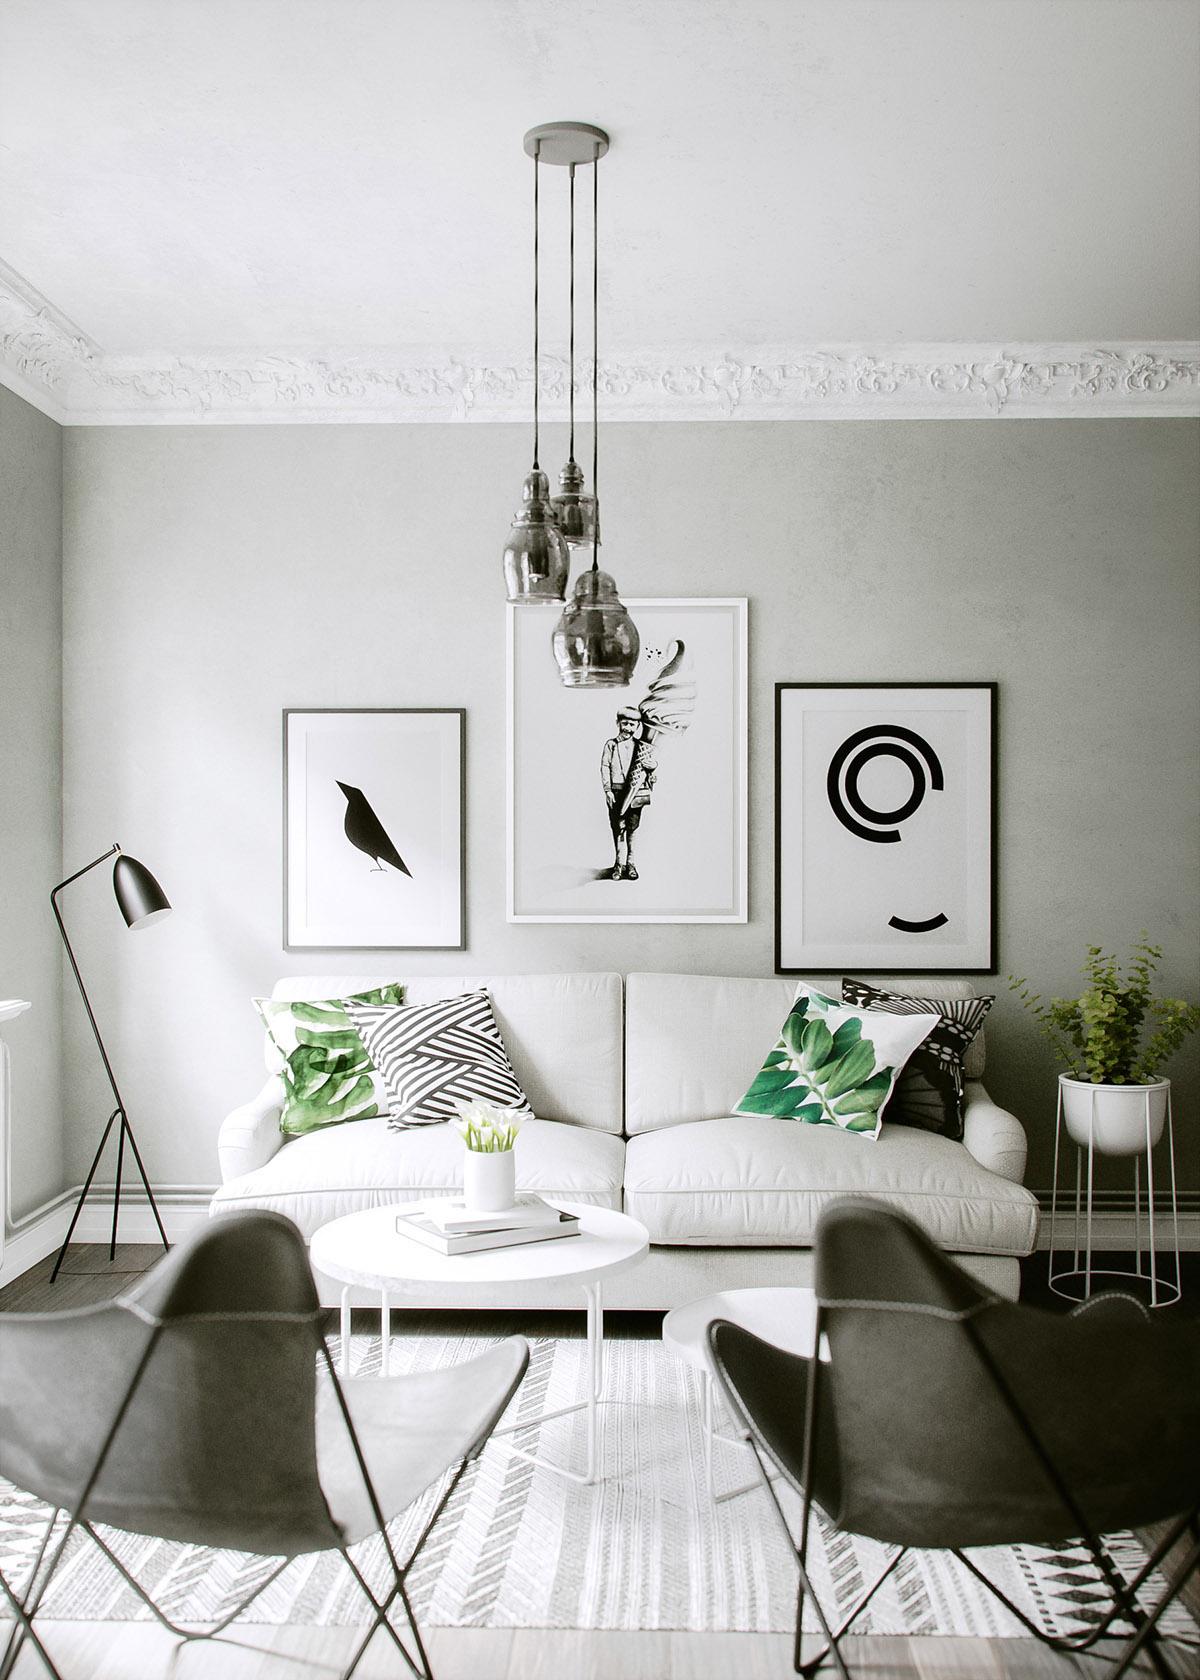 Deco en verde y gris virlova style - Leroy decoracion ...